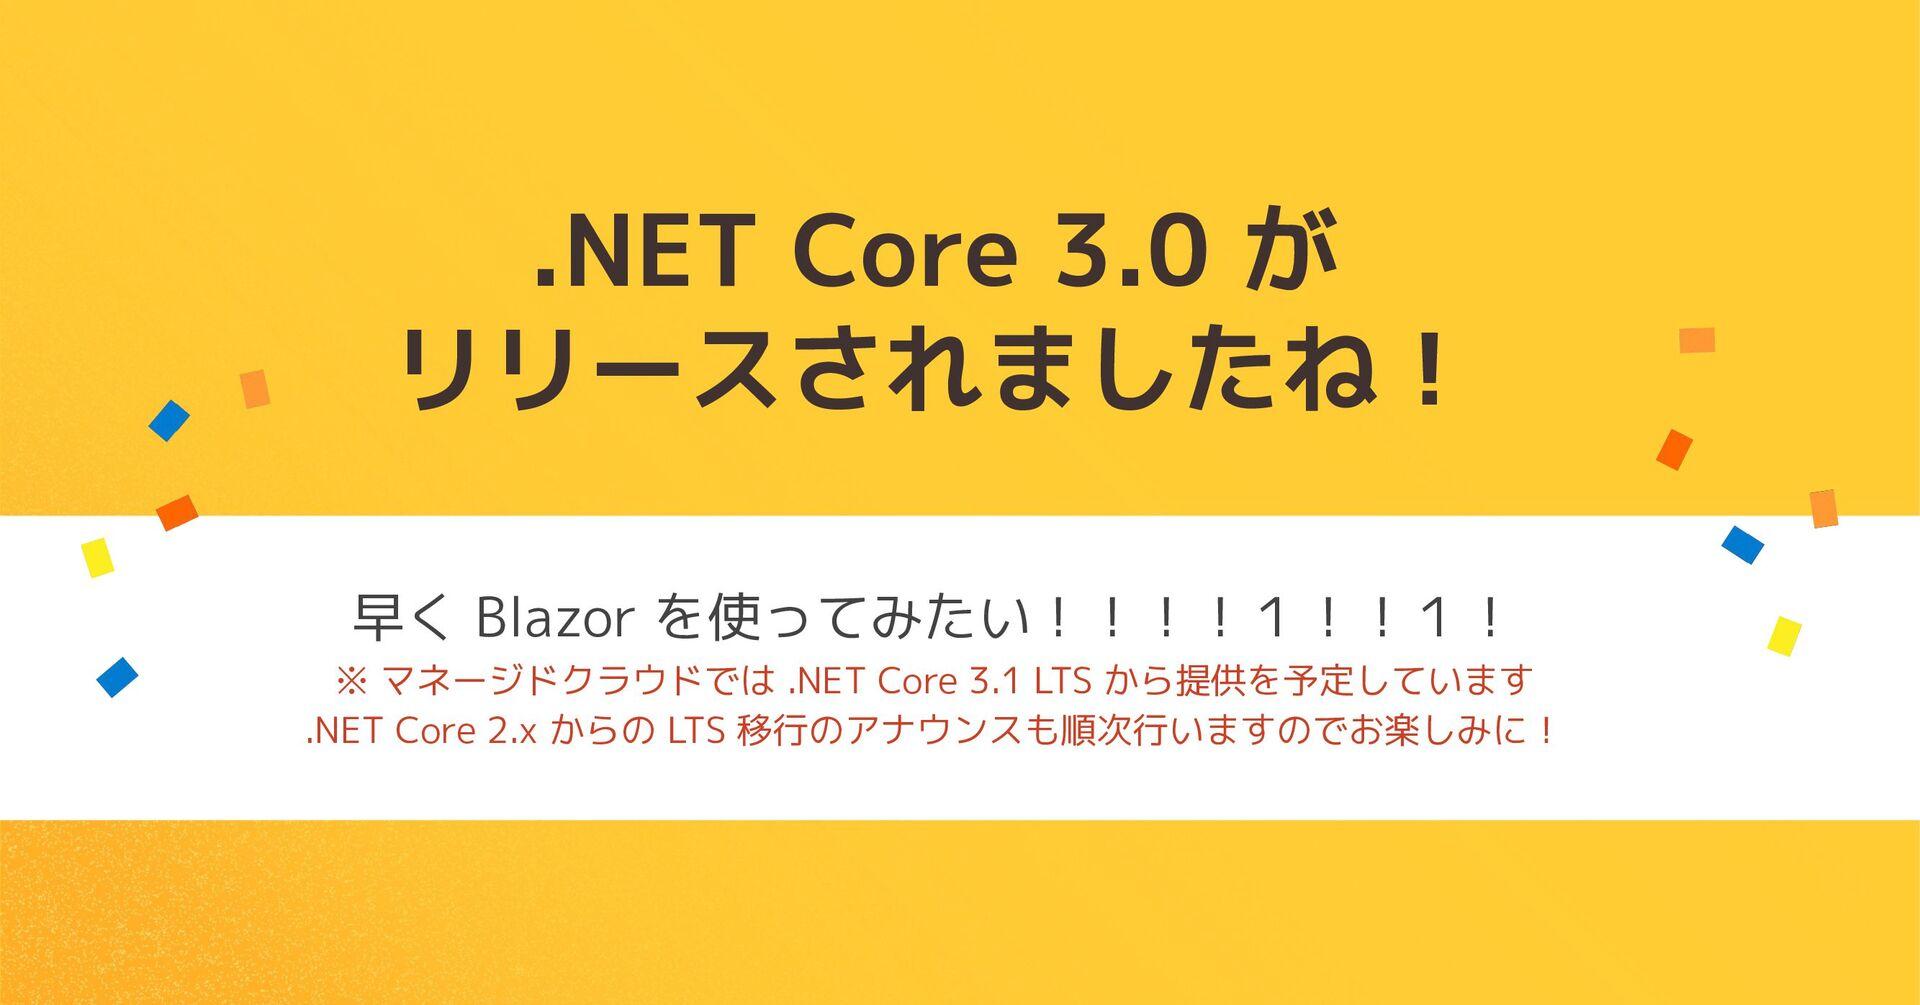 .NET Core 3.0 が リリースされました ! 早く Blazor を使ってみたい!!...